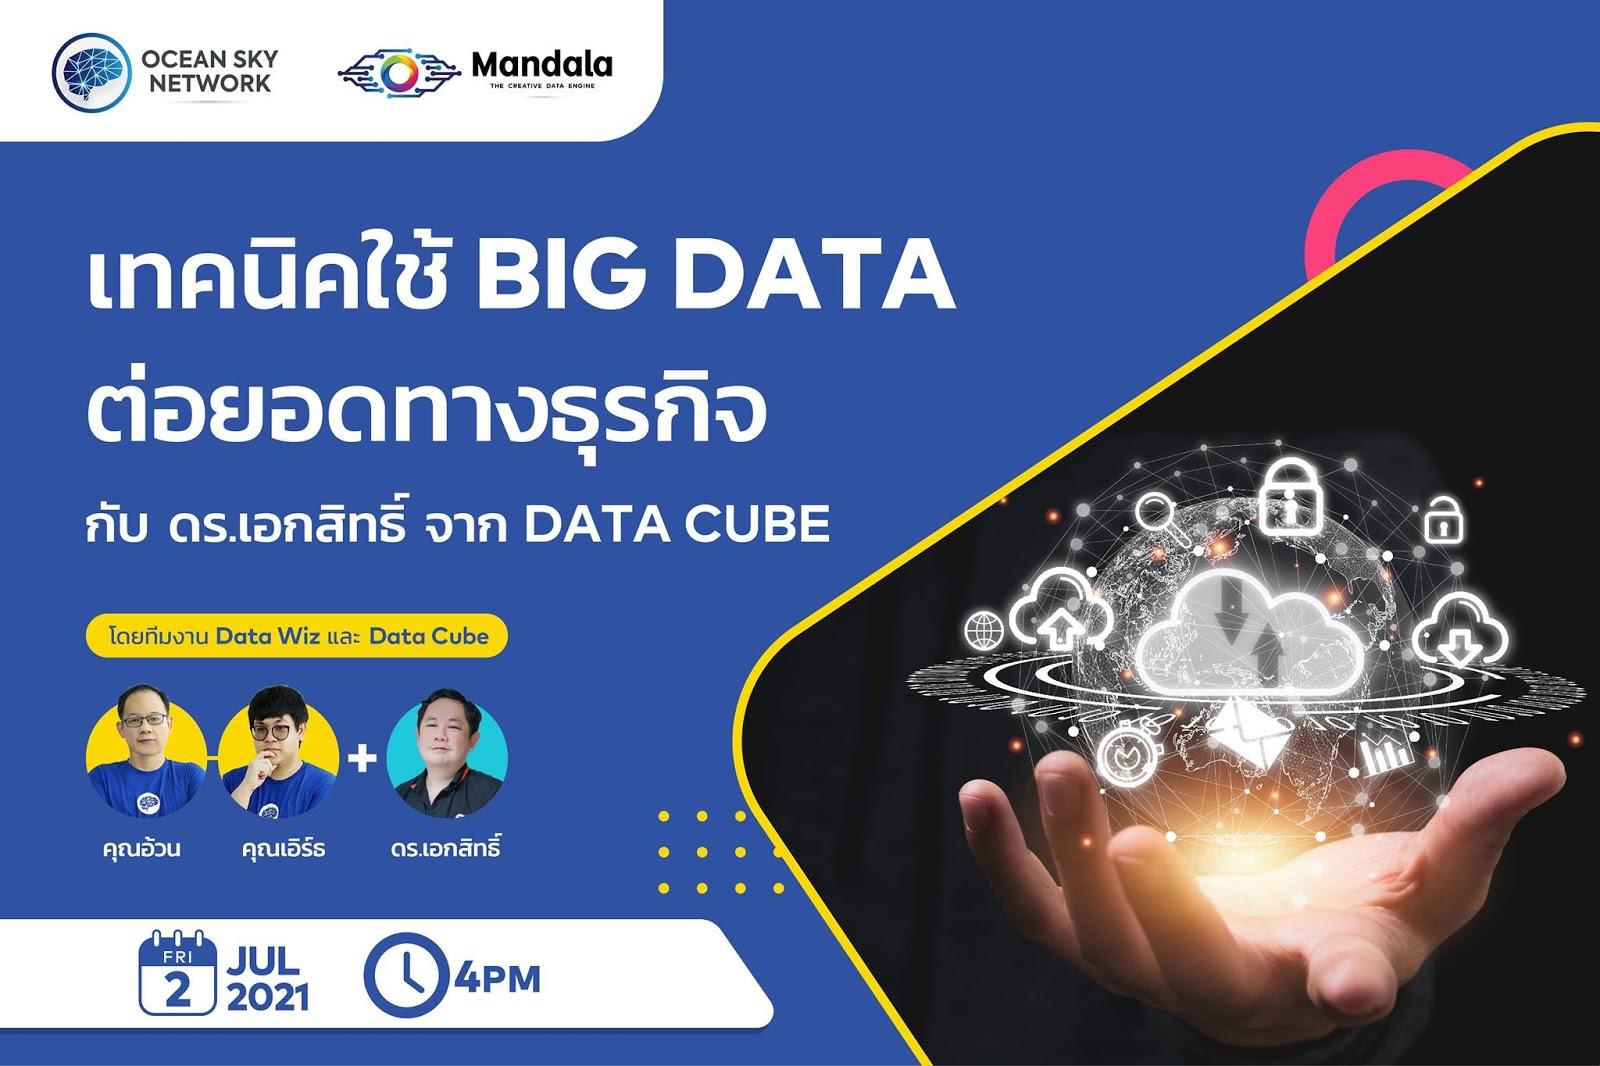 เก็บตกภาพรวมในการใช้ BIG DATA ต่อยอดธุรกิจ X Mandala Analytics